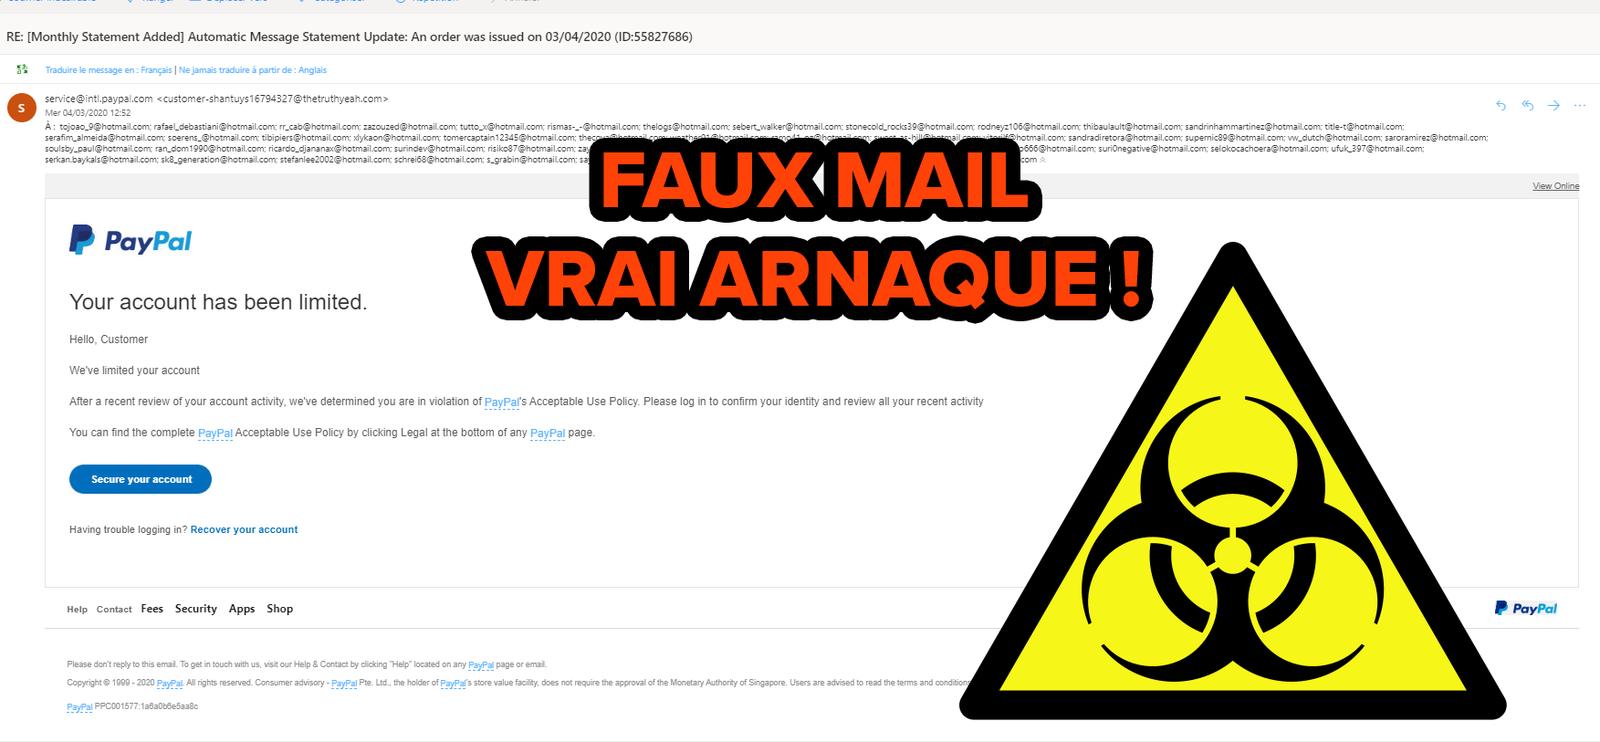 Faux mail, mais vraie arnaque Paypal